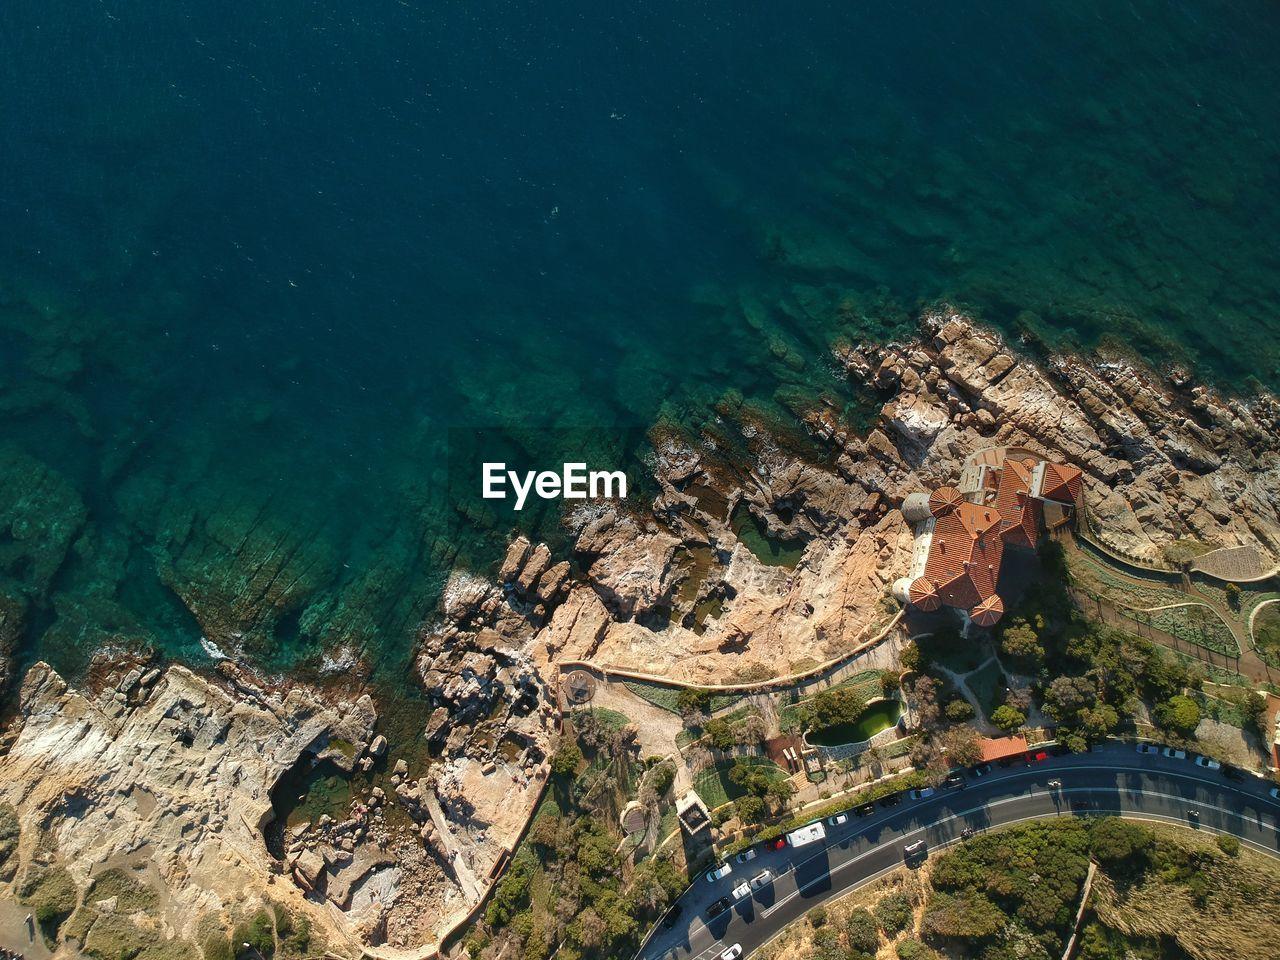 HIGH ANGLE VIEW OF TOURIST RESORT